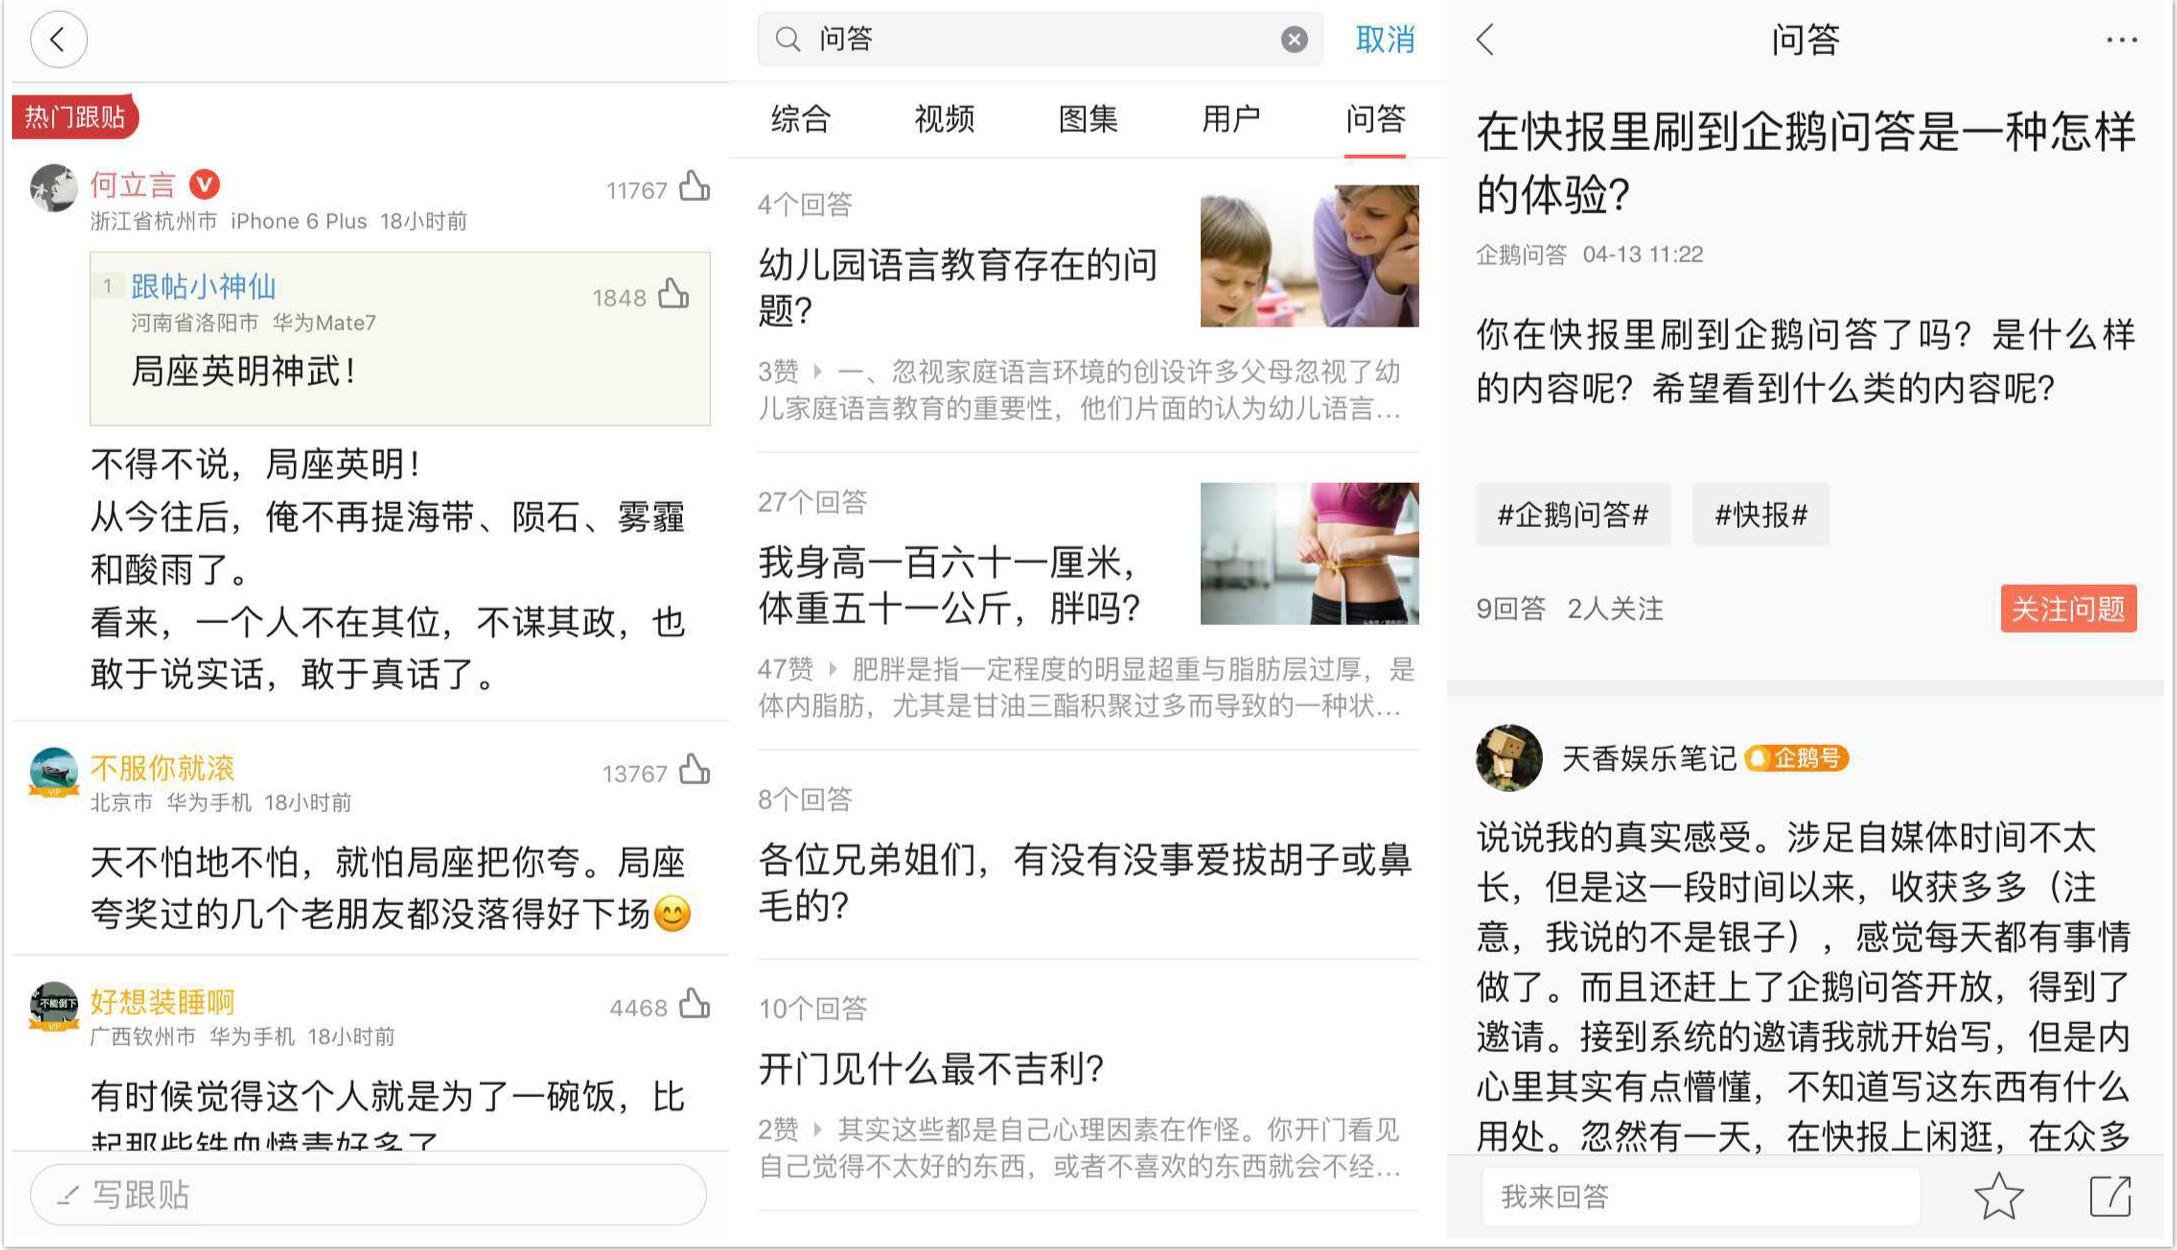 网易新闻客户端、今日头条、天天快报的评论和问答产品